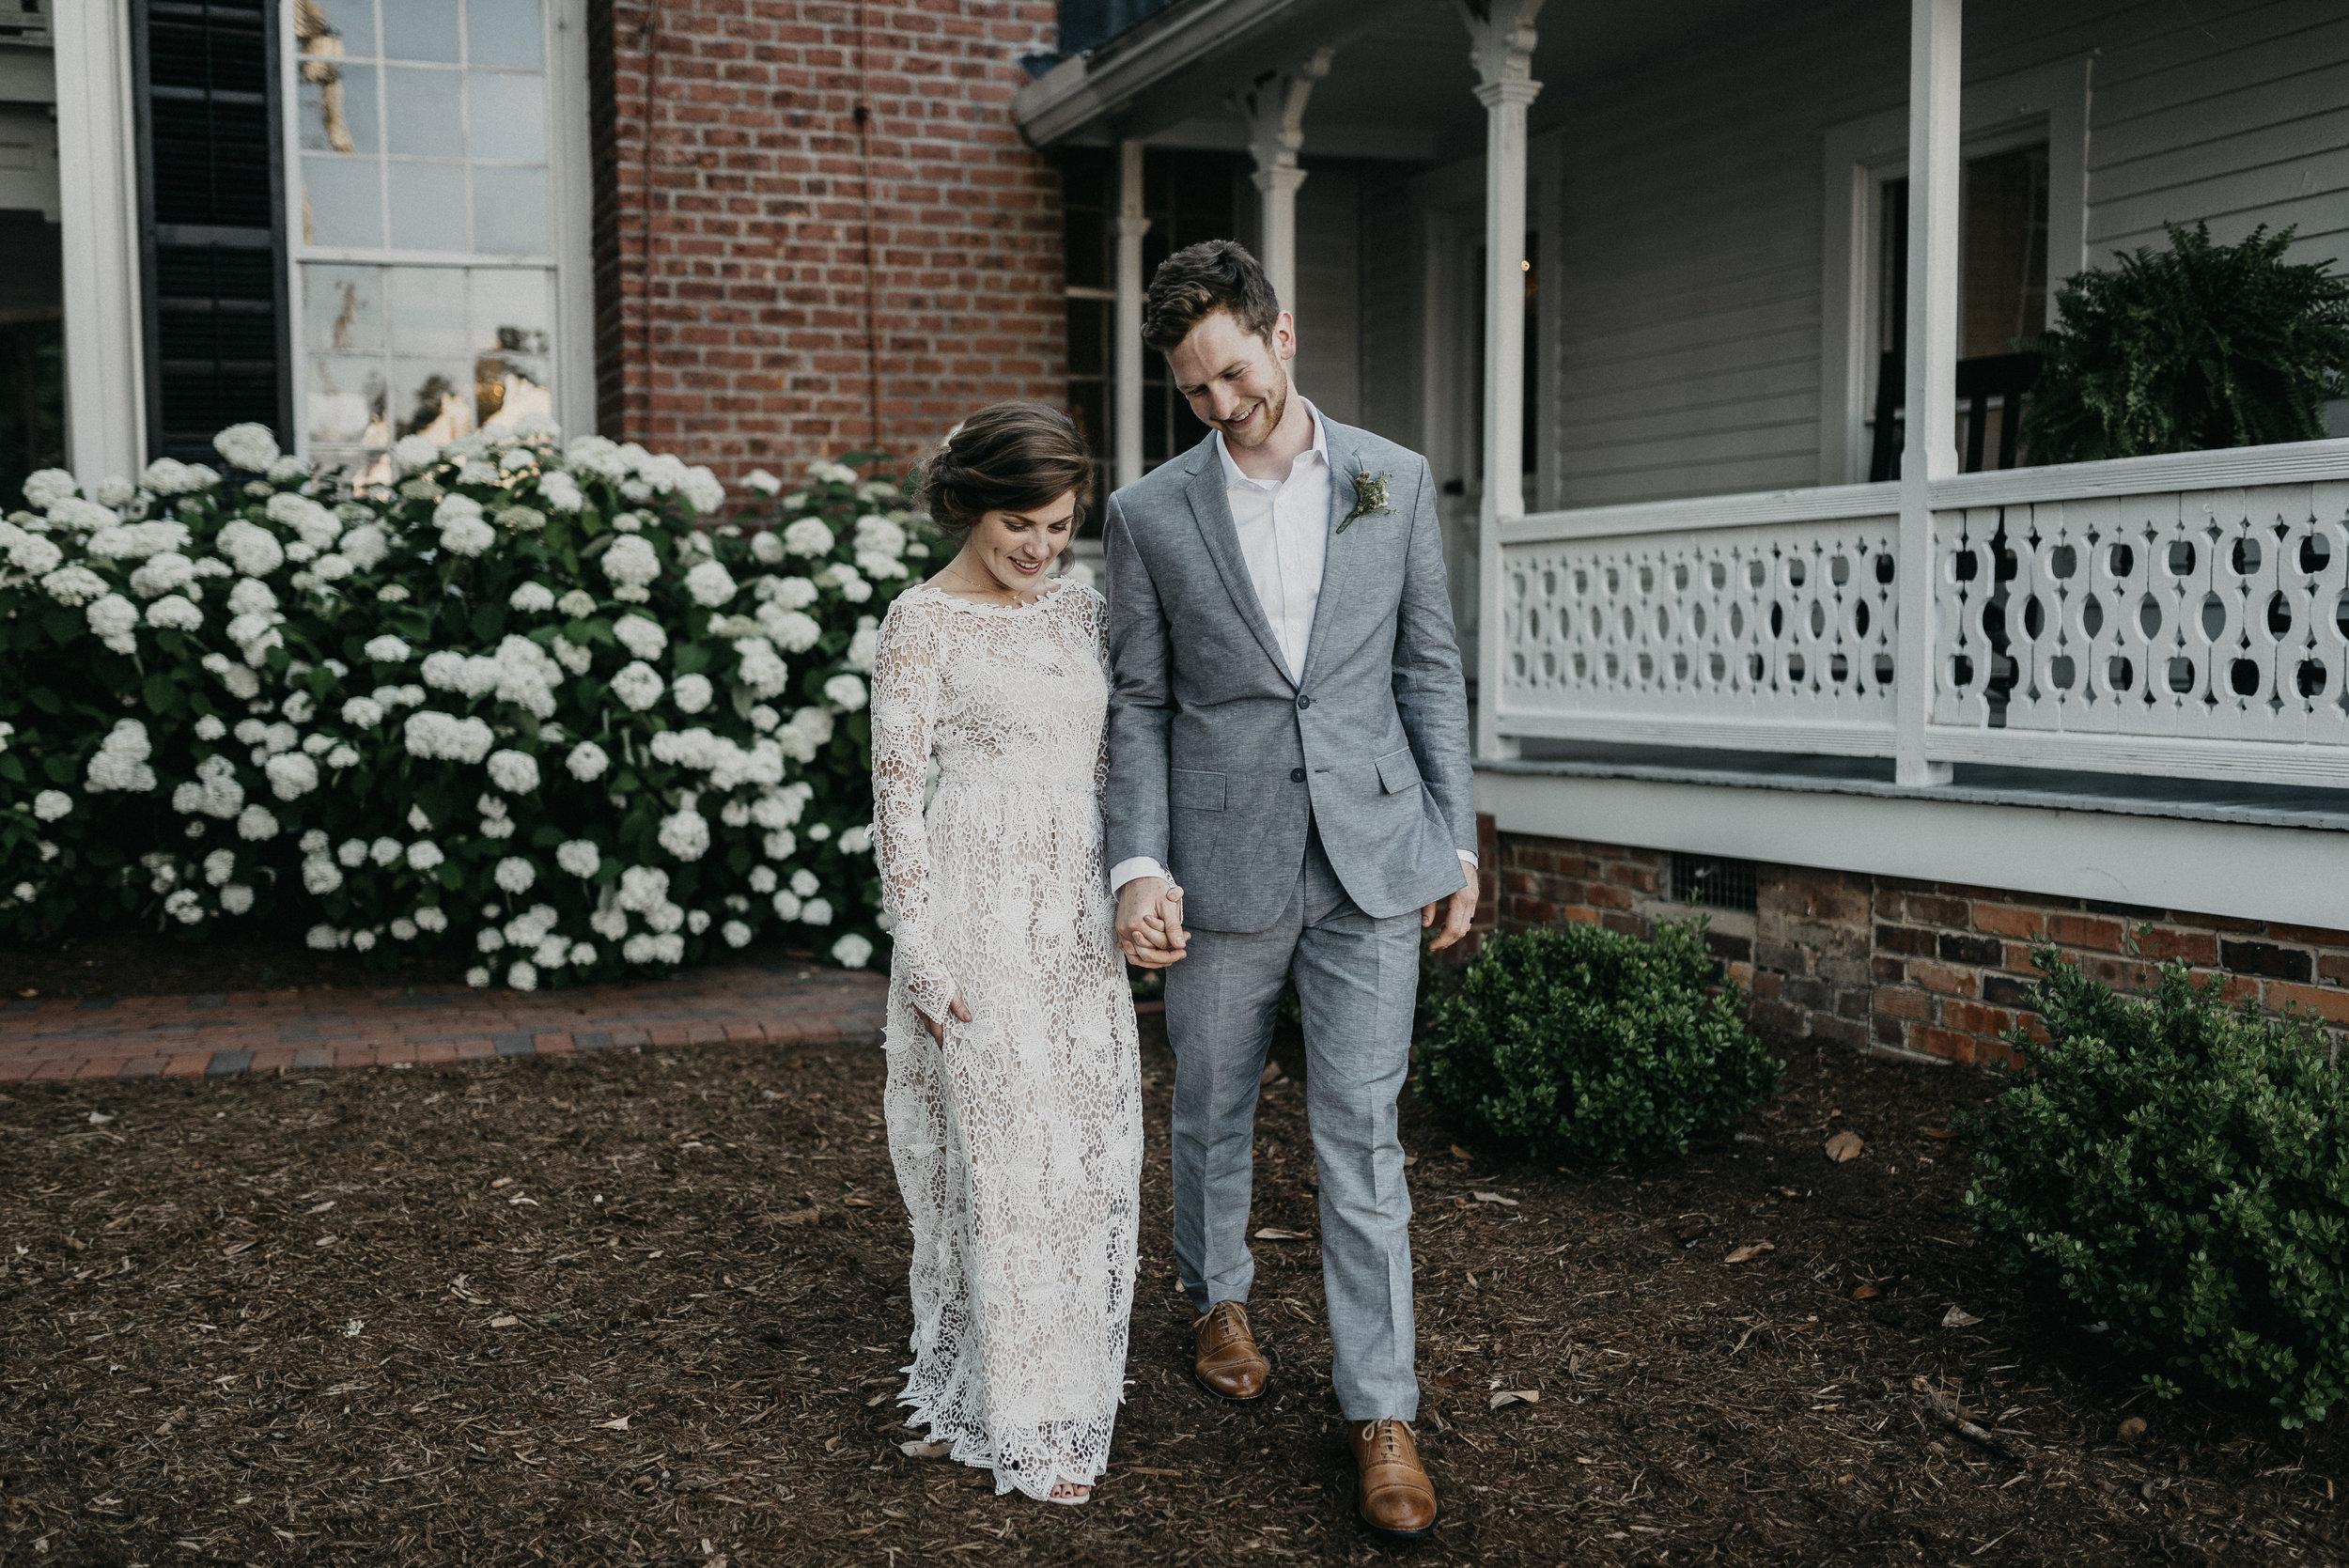 Hewell_Wedding562.jpg